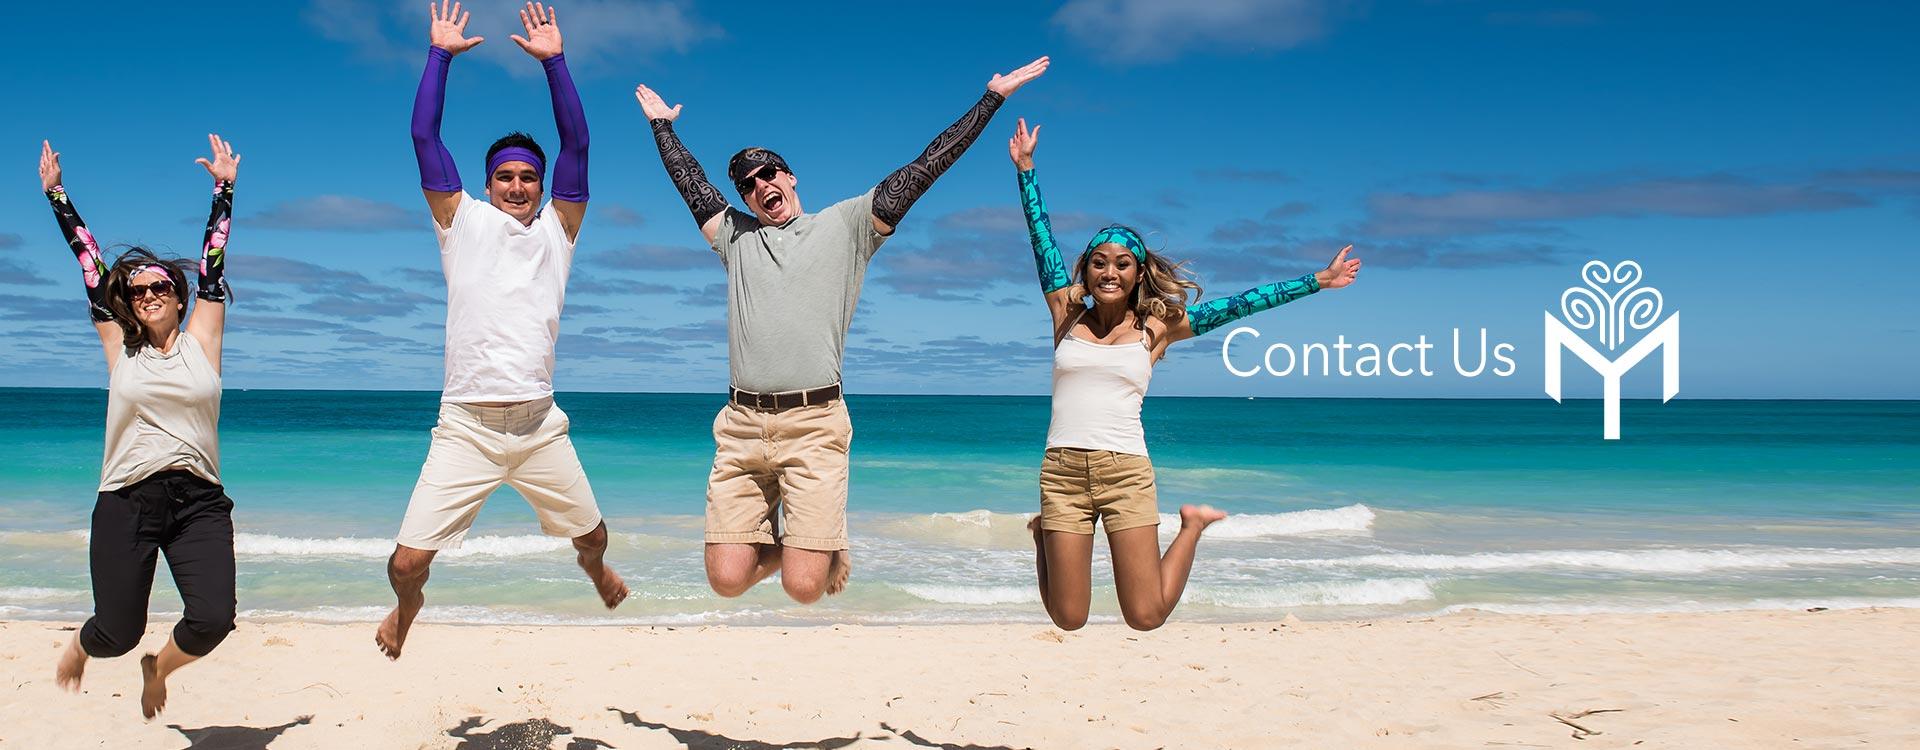 Makana Corporate Rewards Contact Us